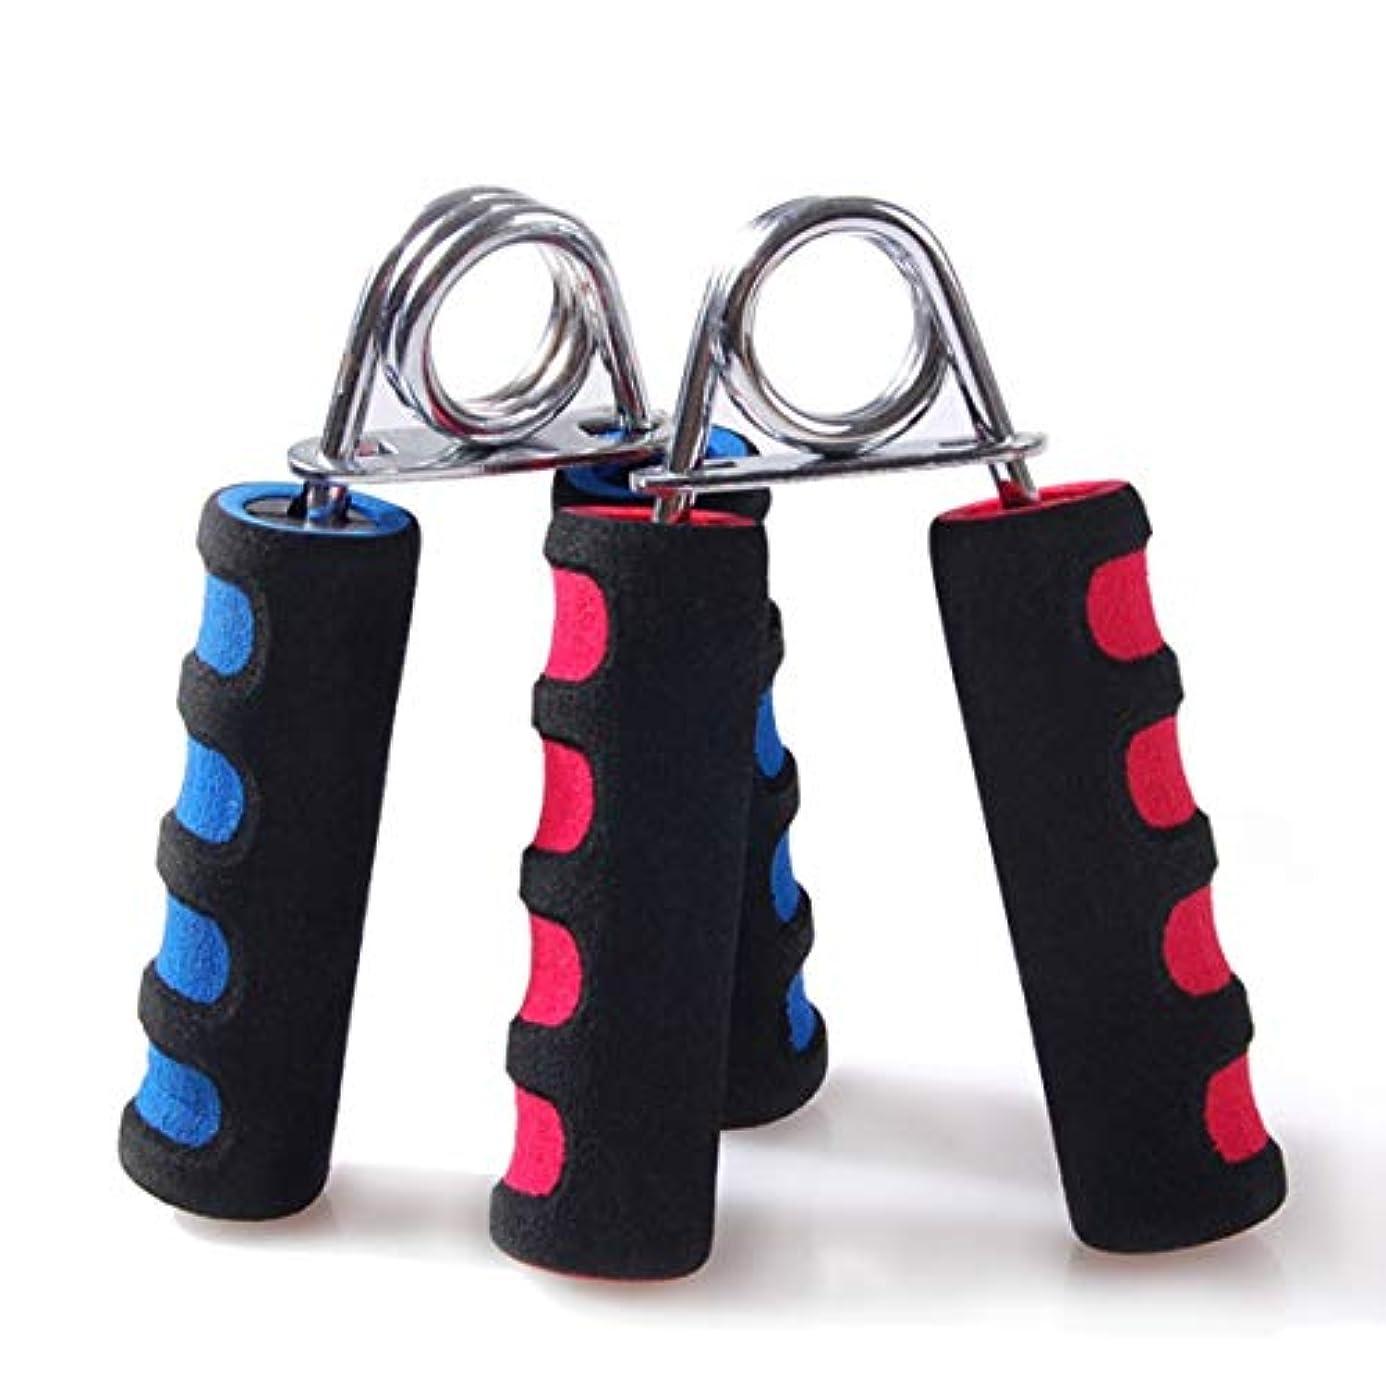 出口オーストラリアローマ人ハンドグリッパーアーム手首エクササイザーフィットネスグリップジムと毎日の運動のためのヘビーストレングストレーナー-カラーランダム